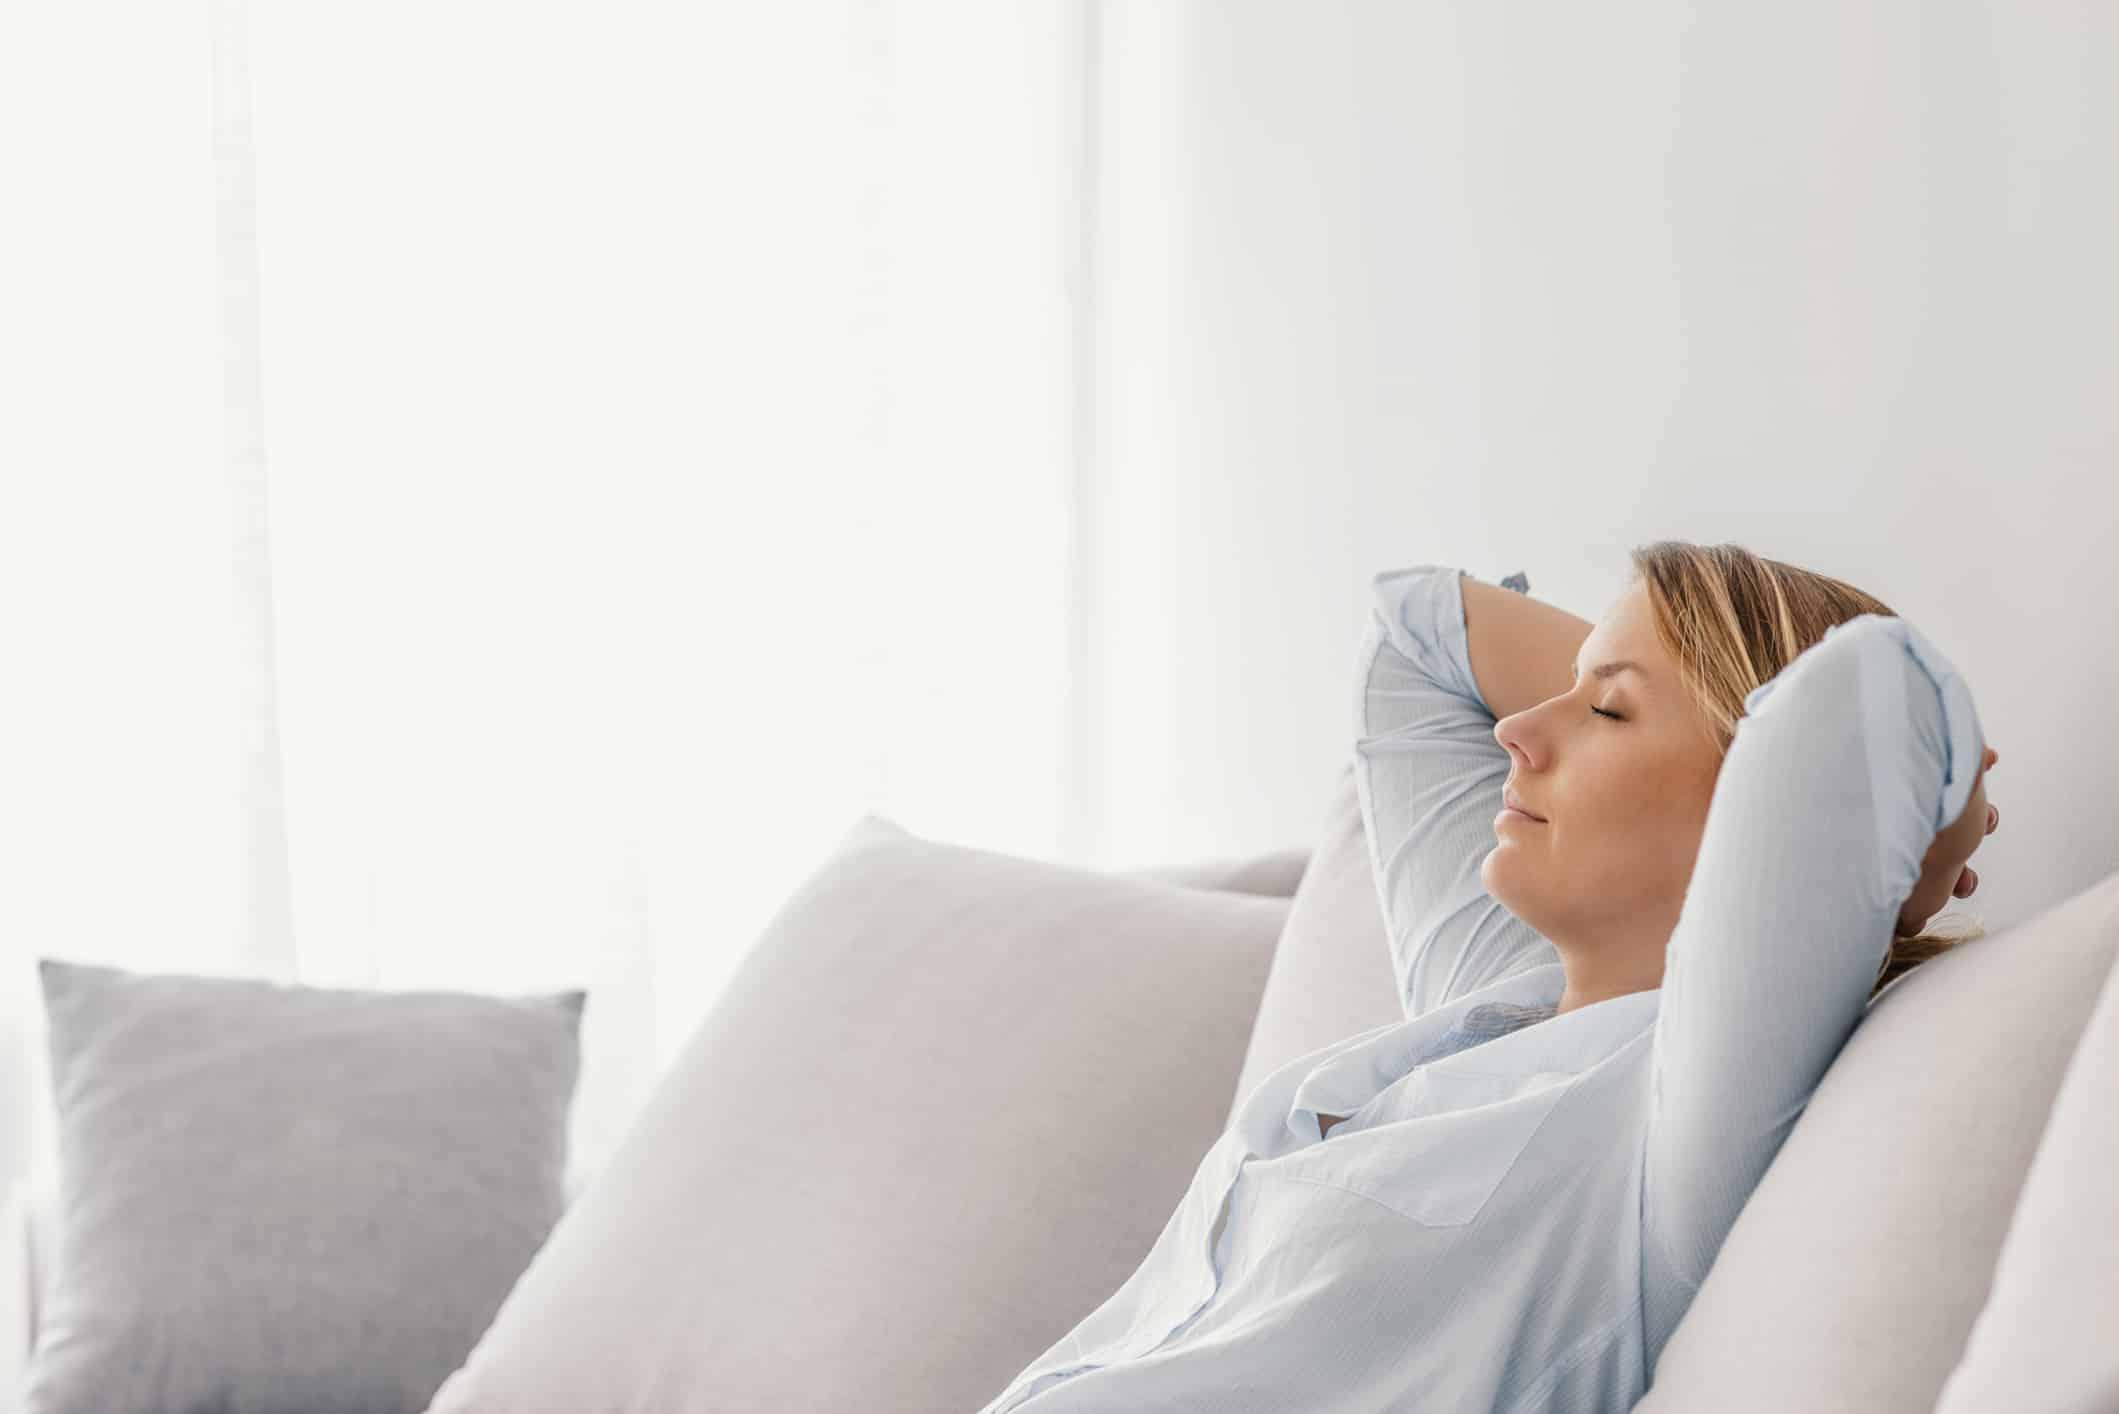 Frau auf Sofa entspannt